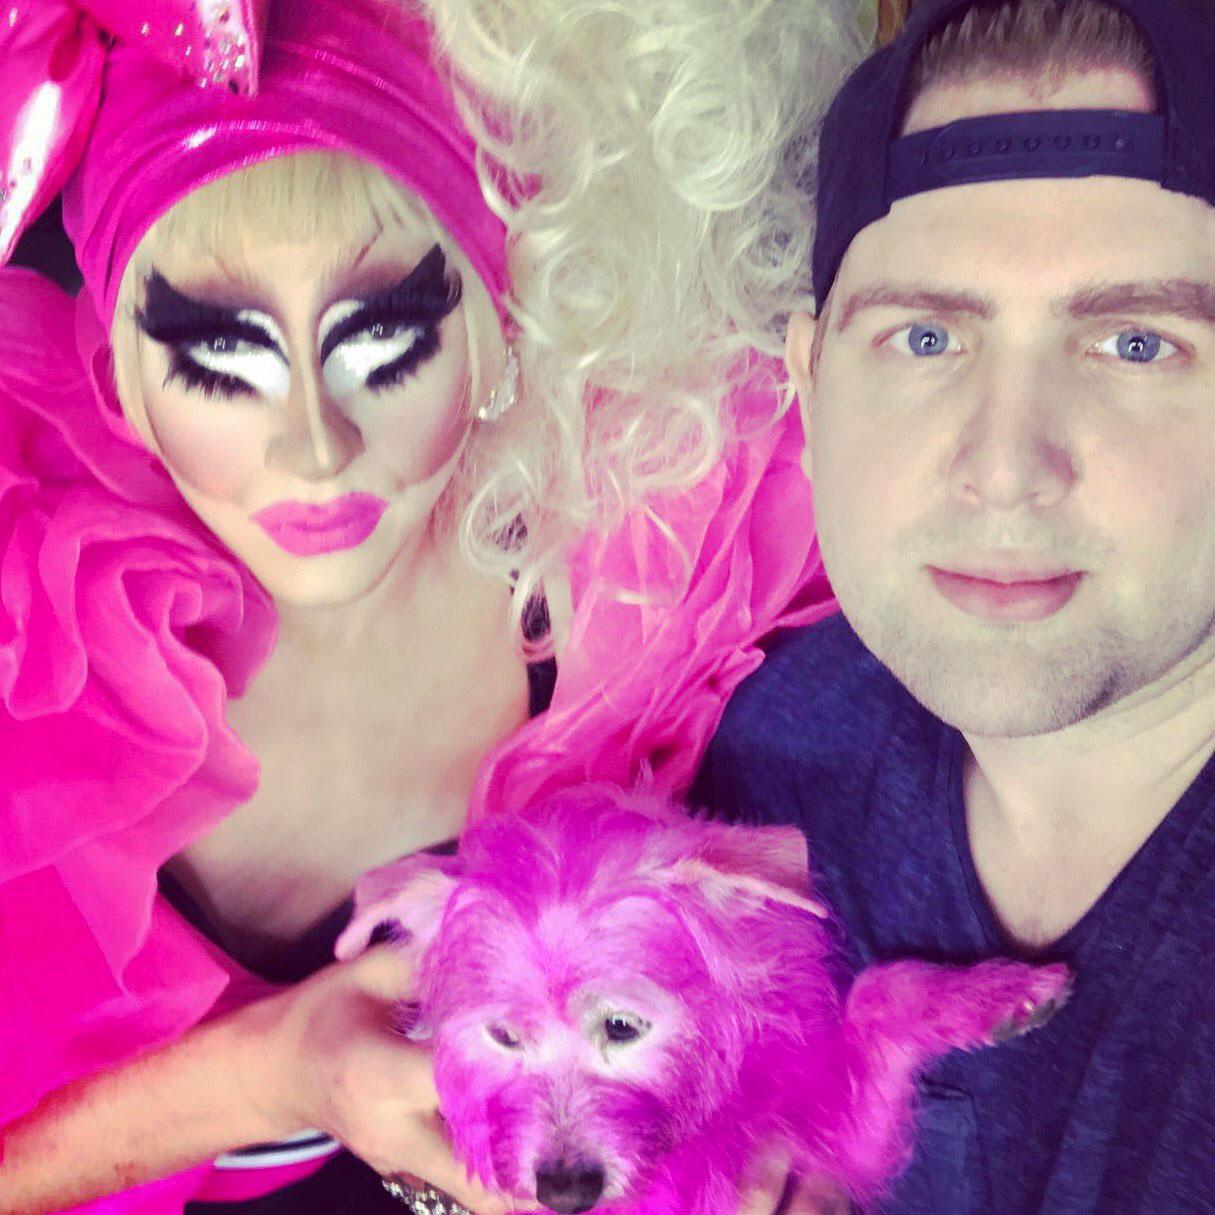 Trixie Mattel and Killian Wells